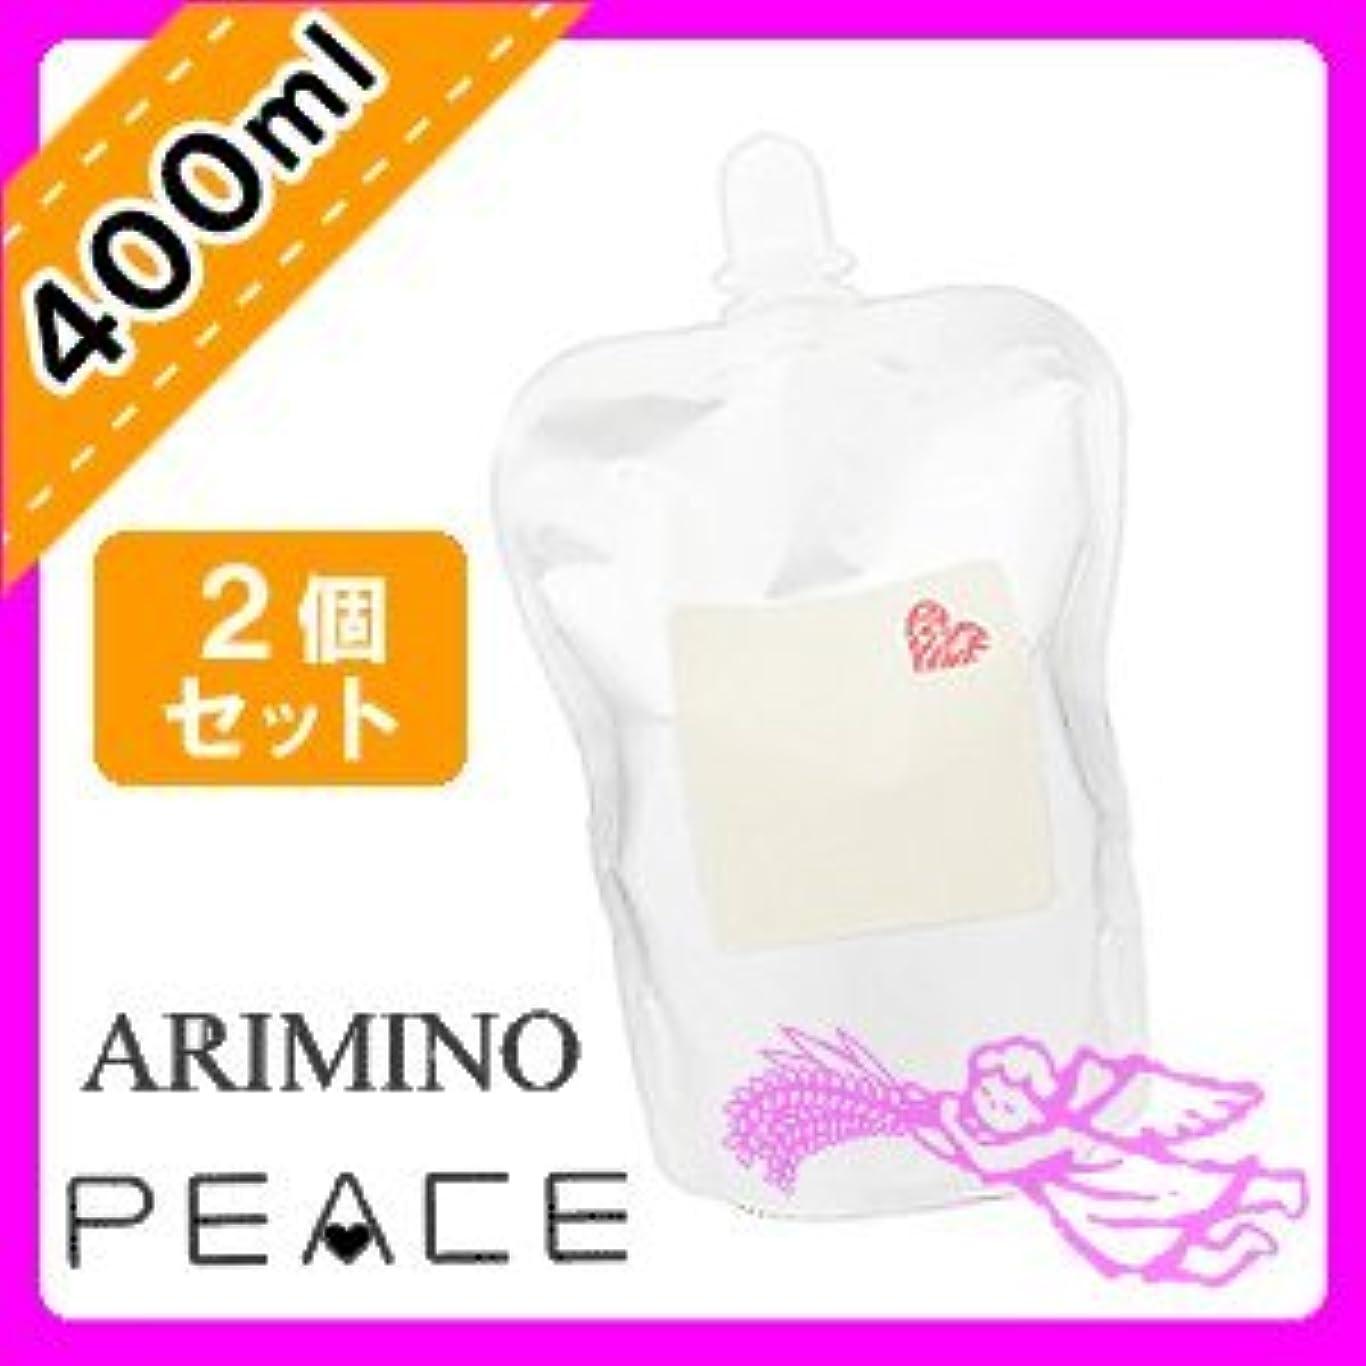 委任する松明技術的なアリミノ ピース ホイップワックス ナチュラルウェーブ ホイップ400mL ×2個 セット詰め替え用 arimino PEACE